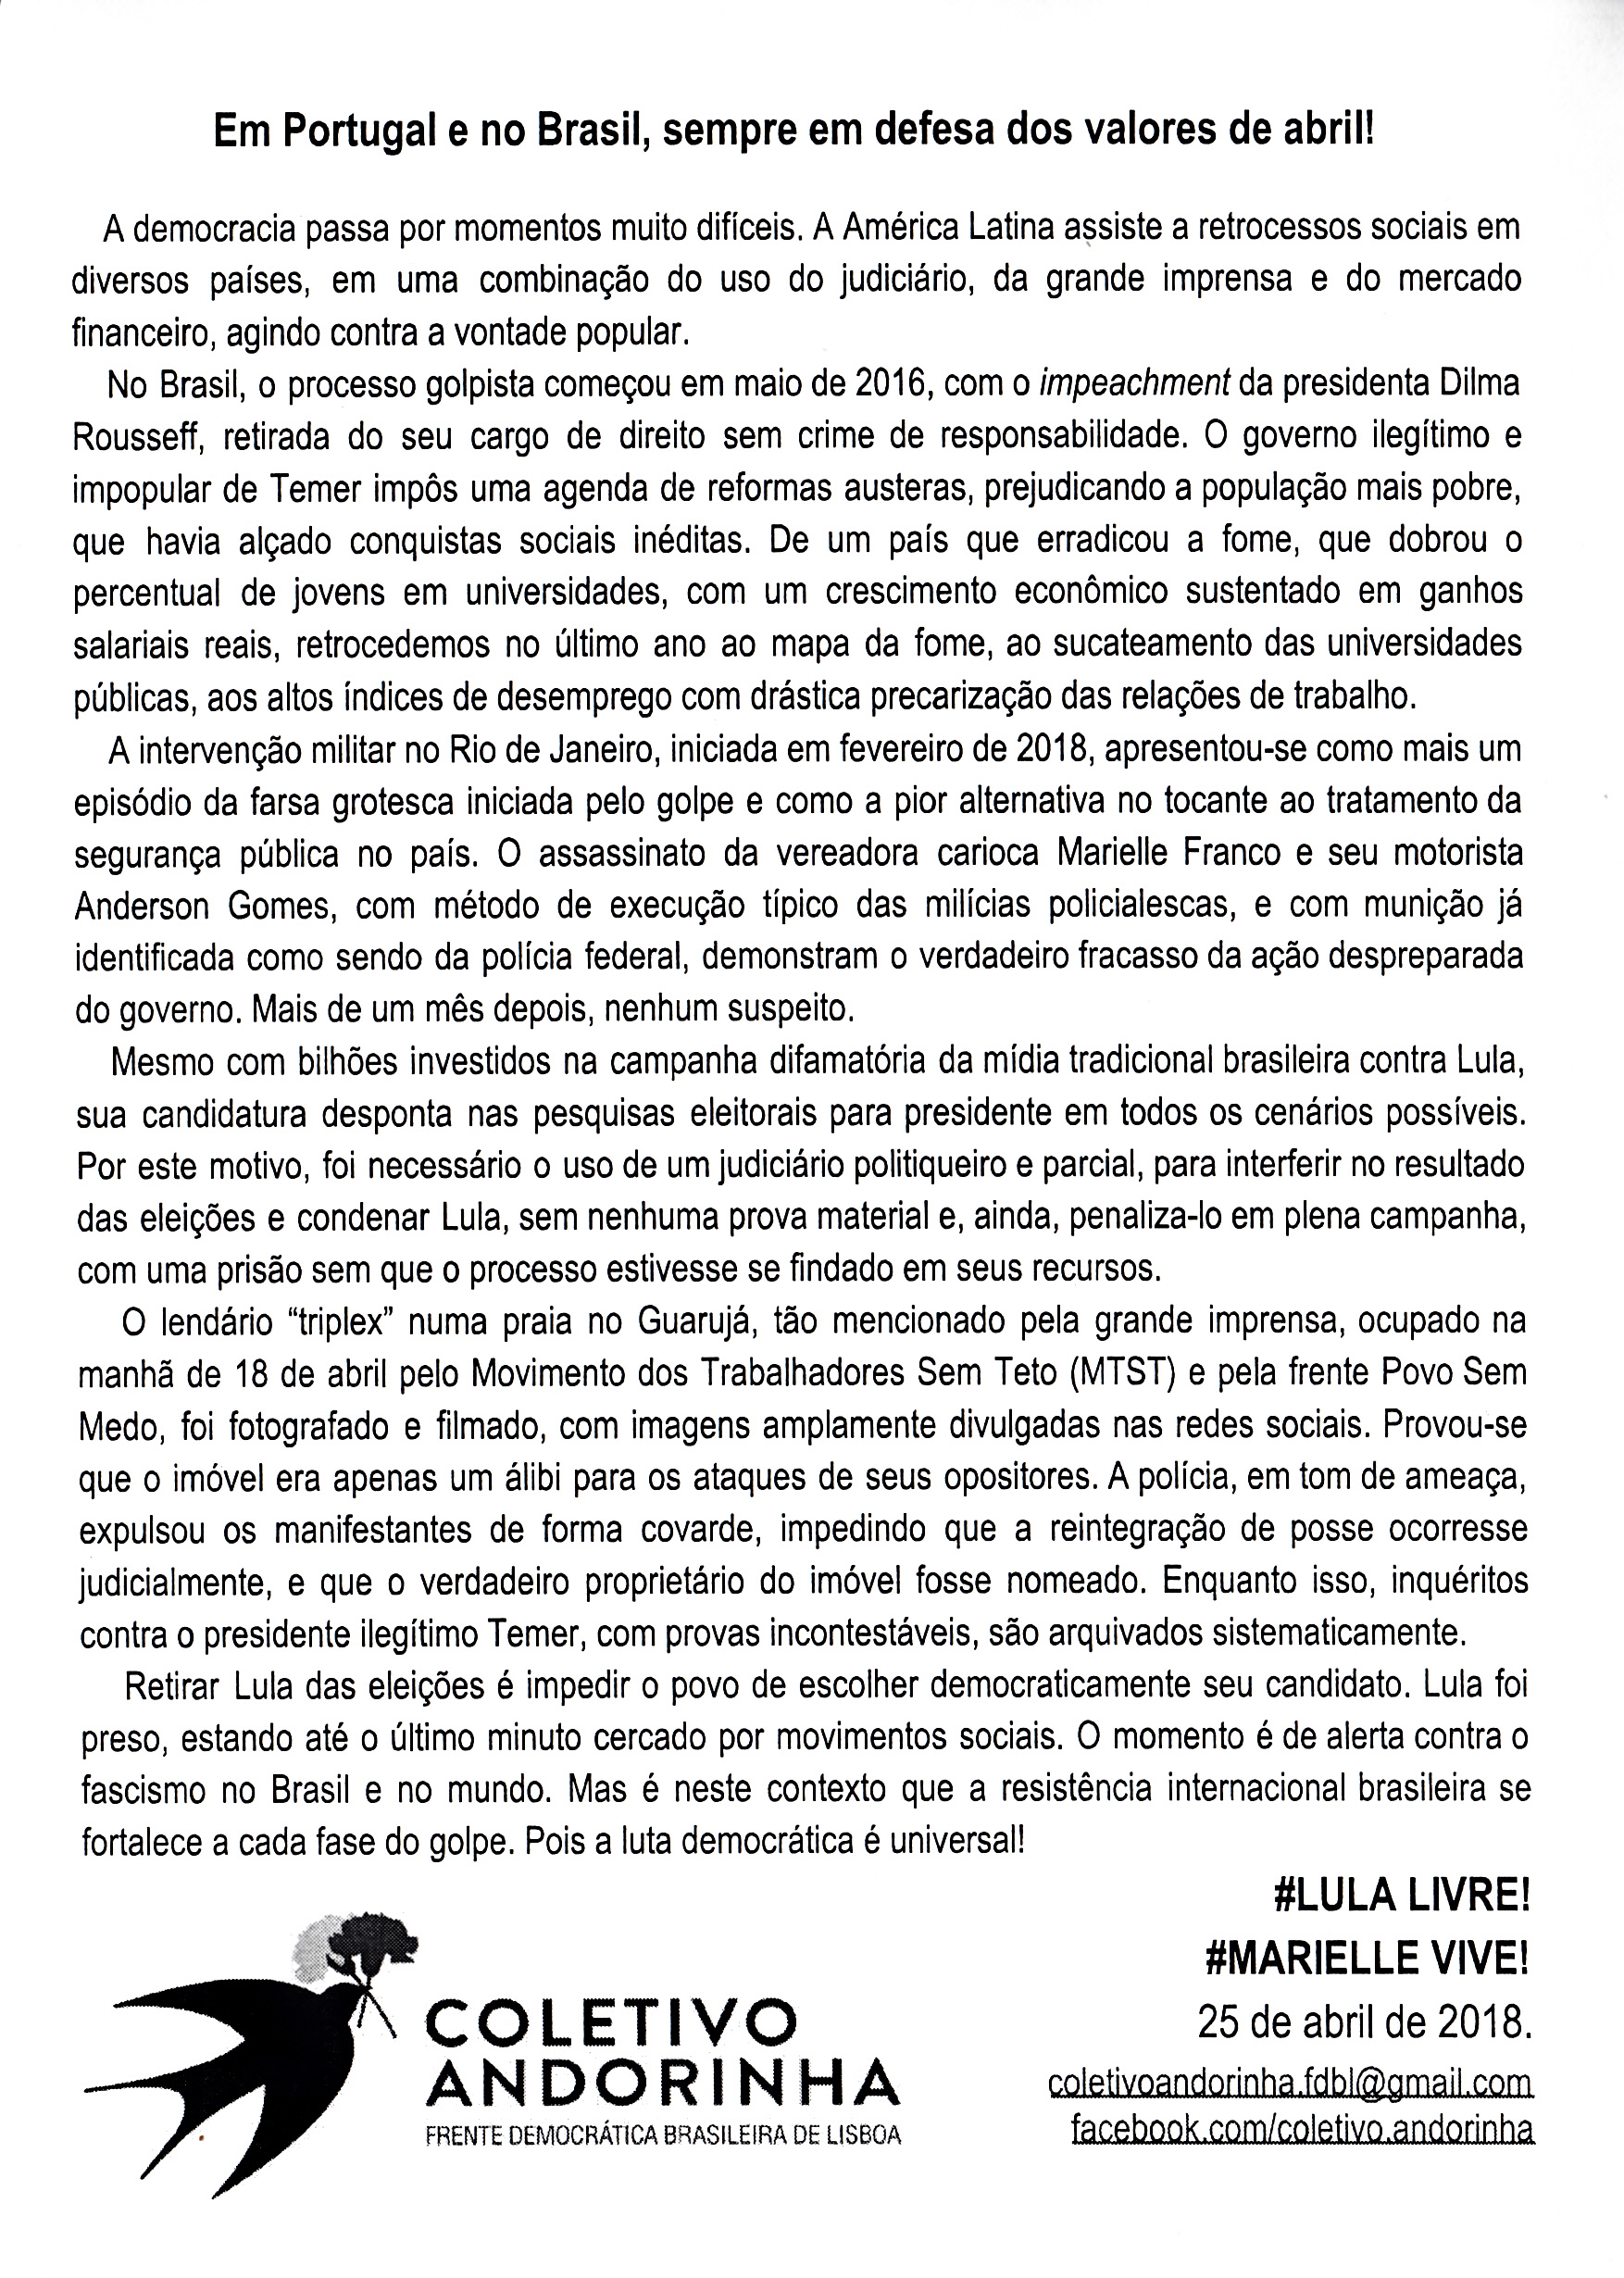 Andorinha_2018_04